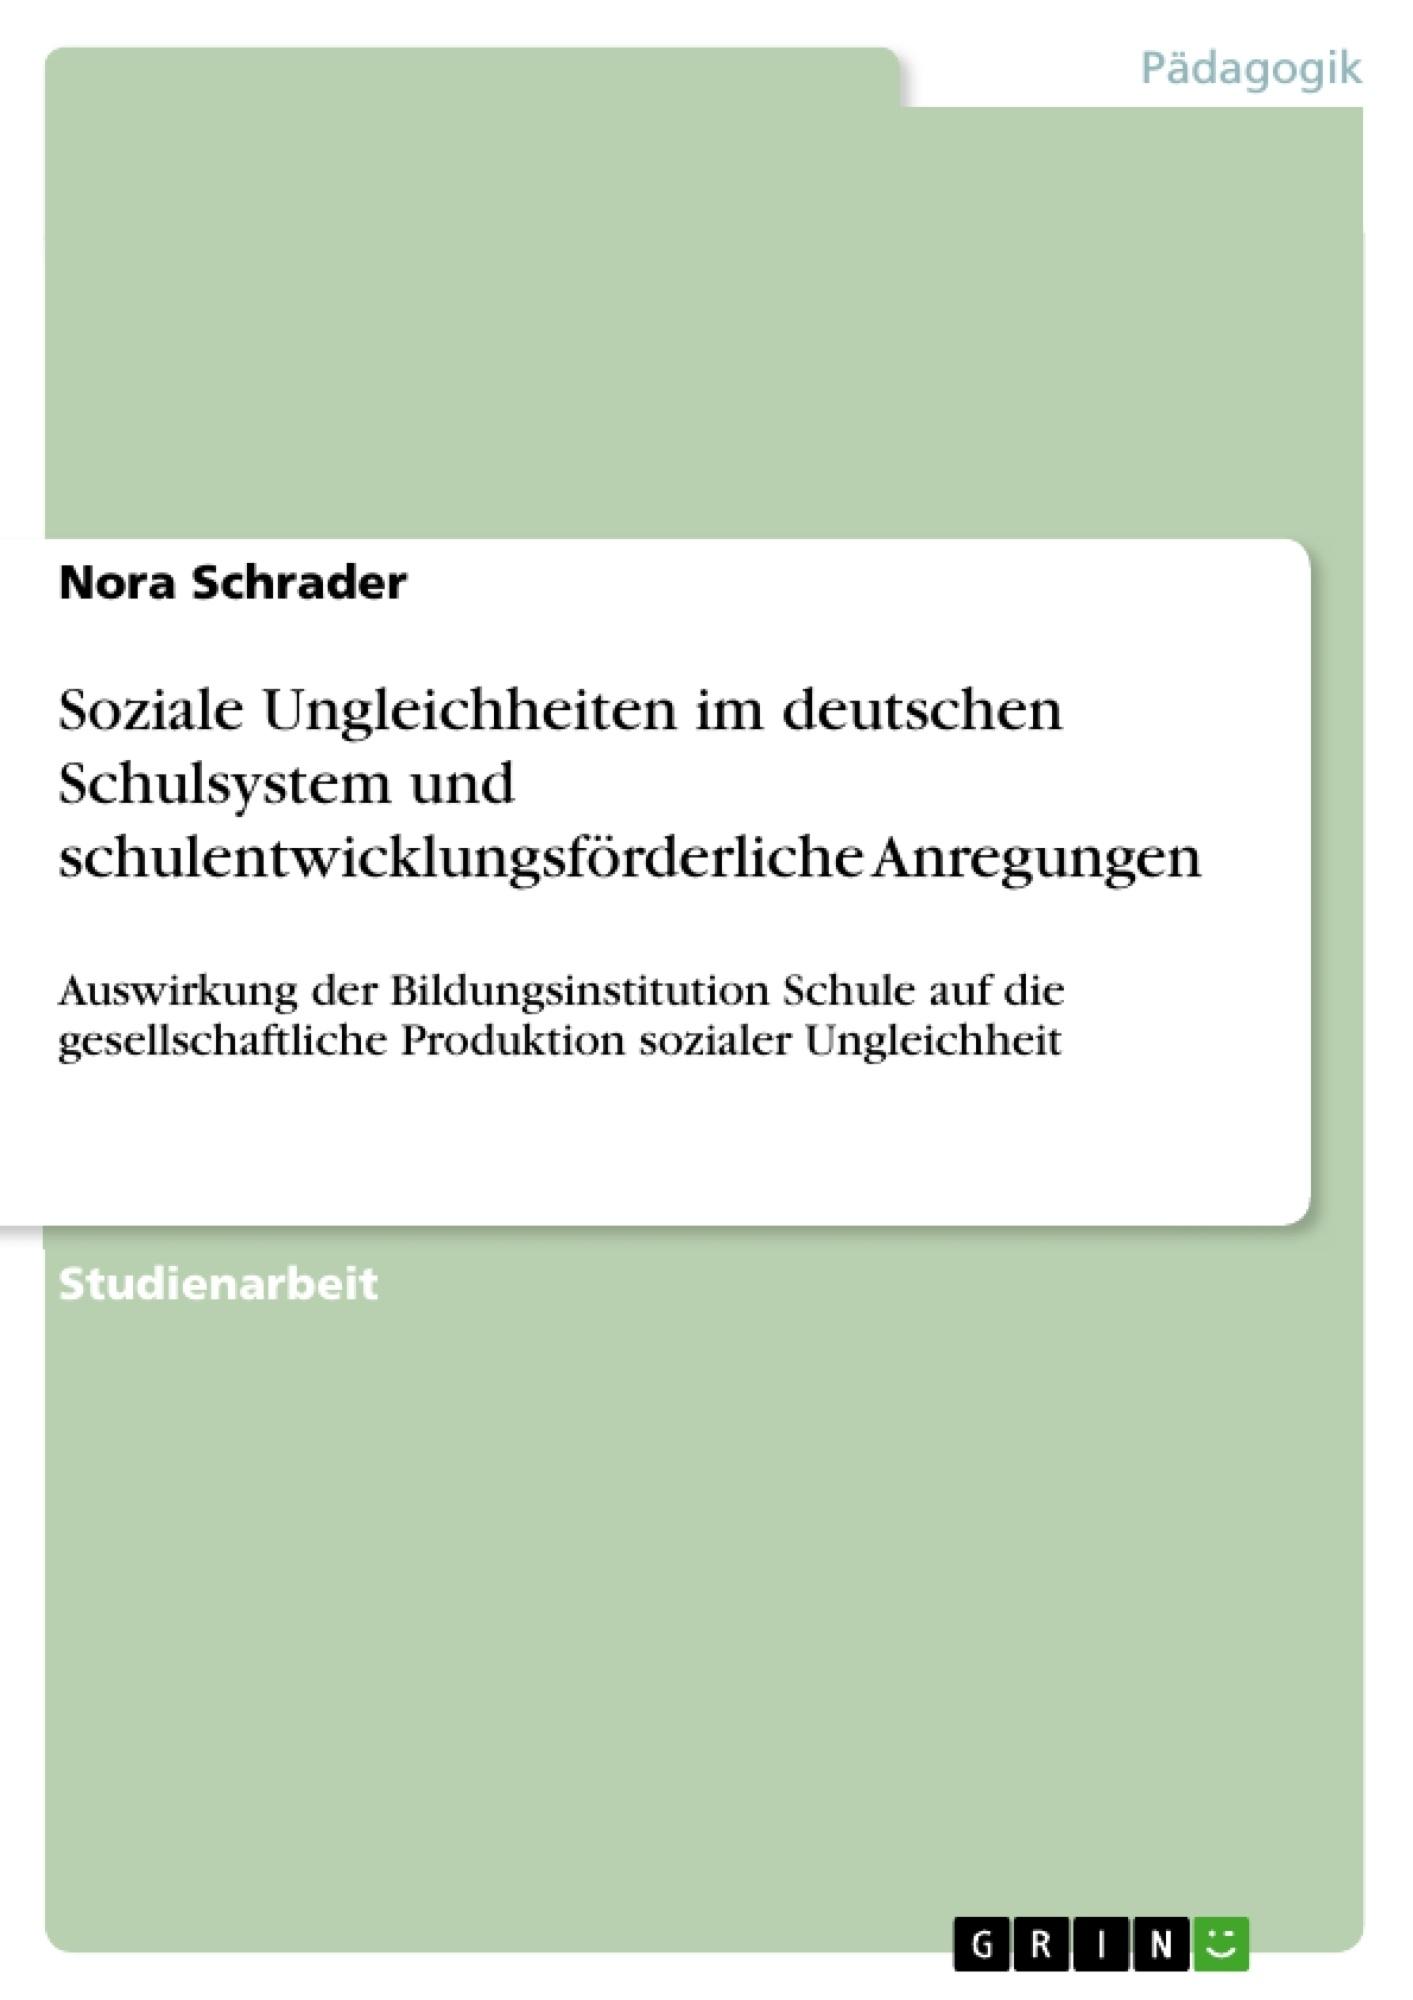 Titel: Soziale Ungleichheiten im deutschen Schulsystem und schulentwicklungsförderliche Anregungen